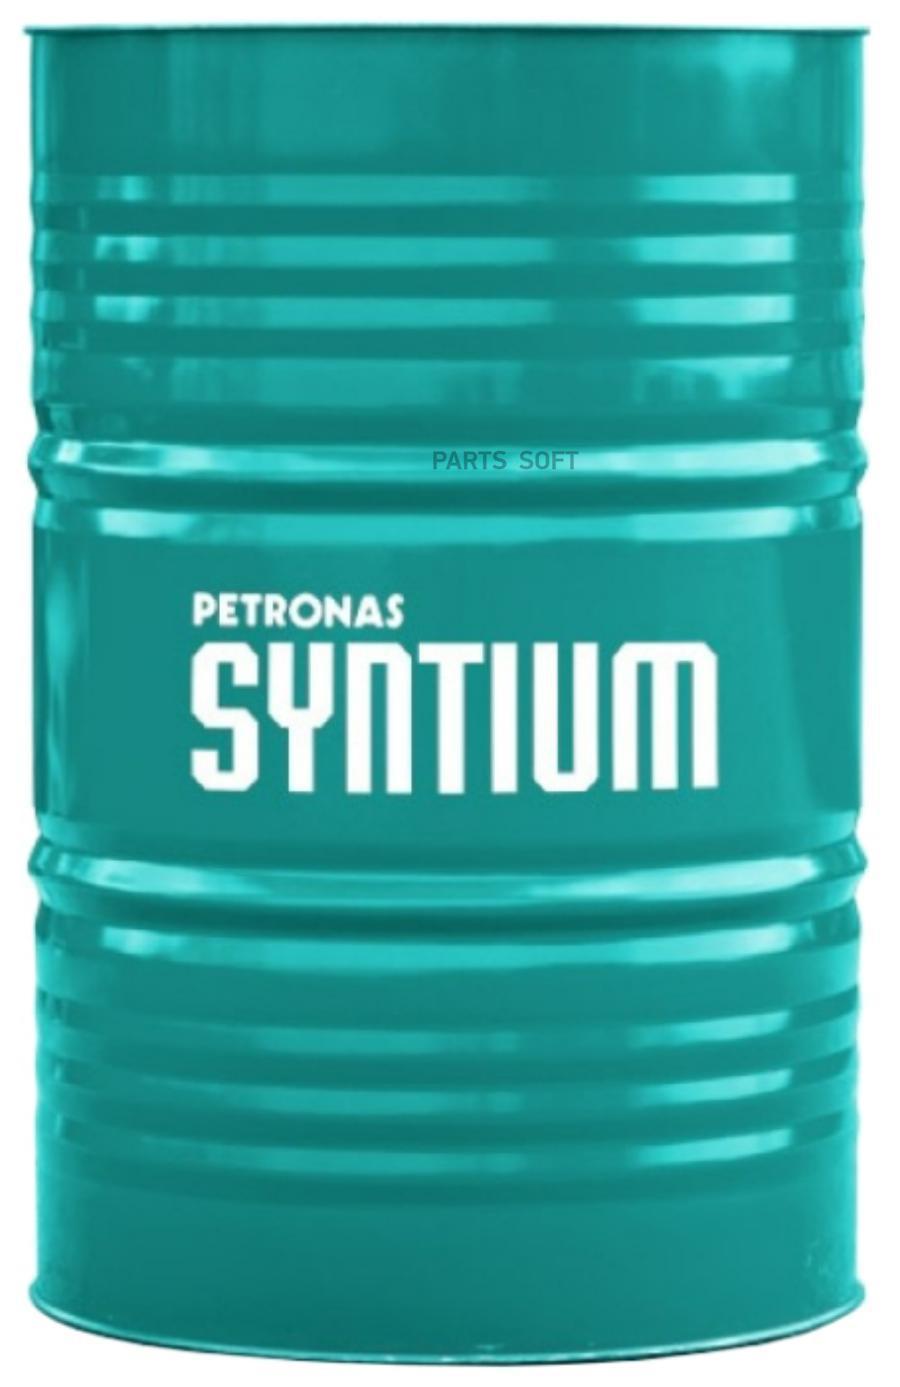 Моторное масло синтетическое PETRONAS Syntium 3000 AV 5-W40, 200л